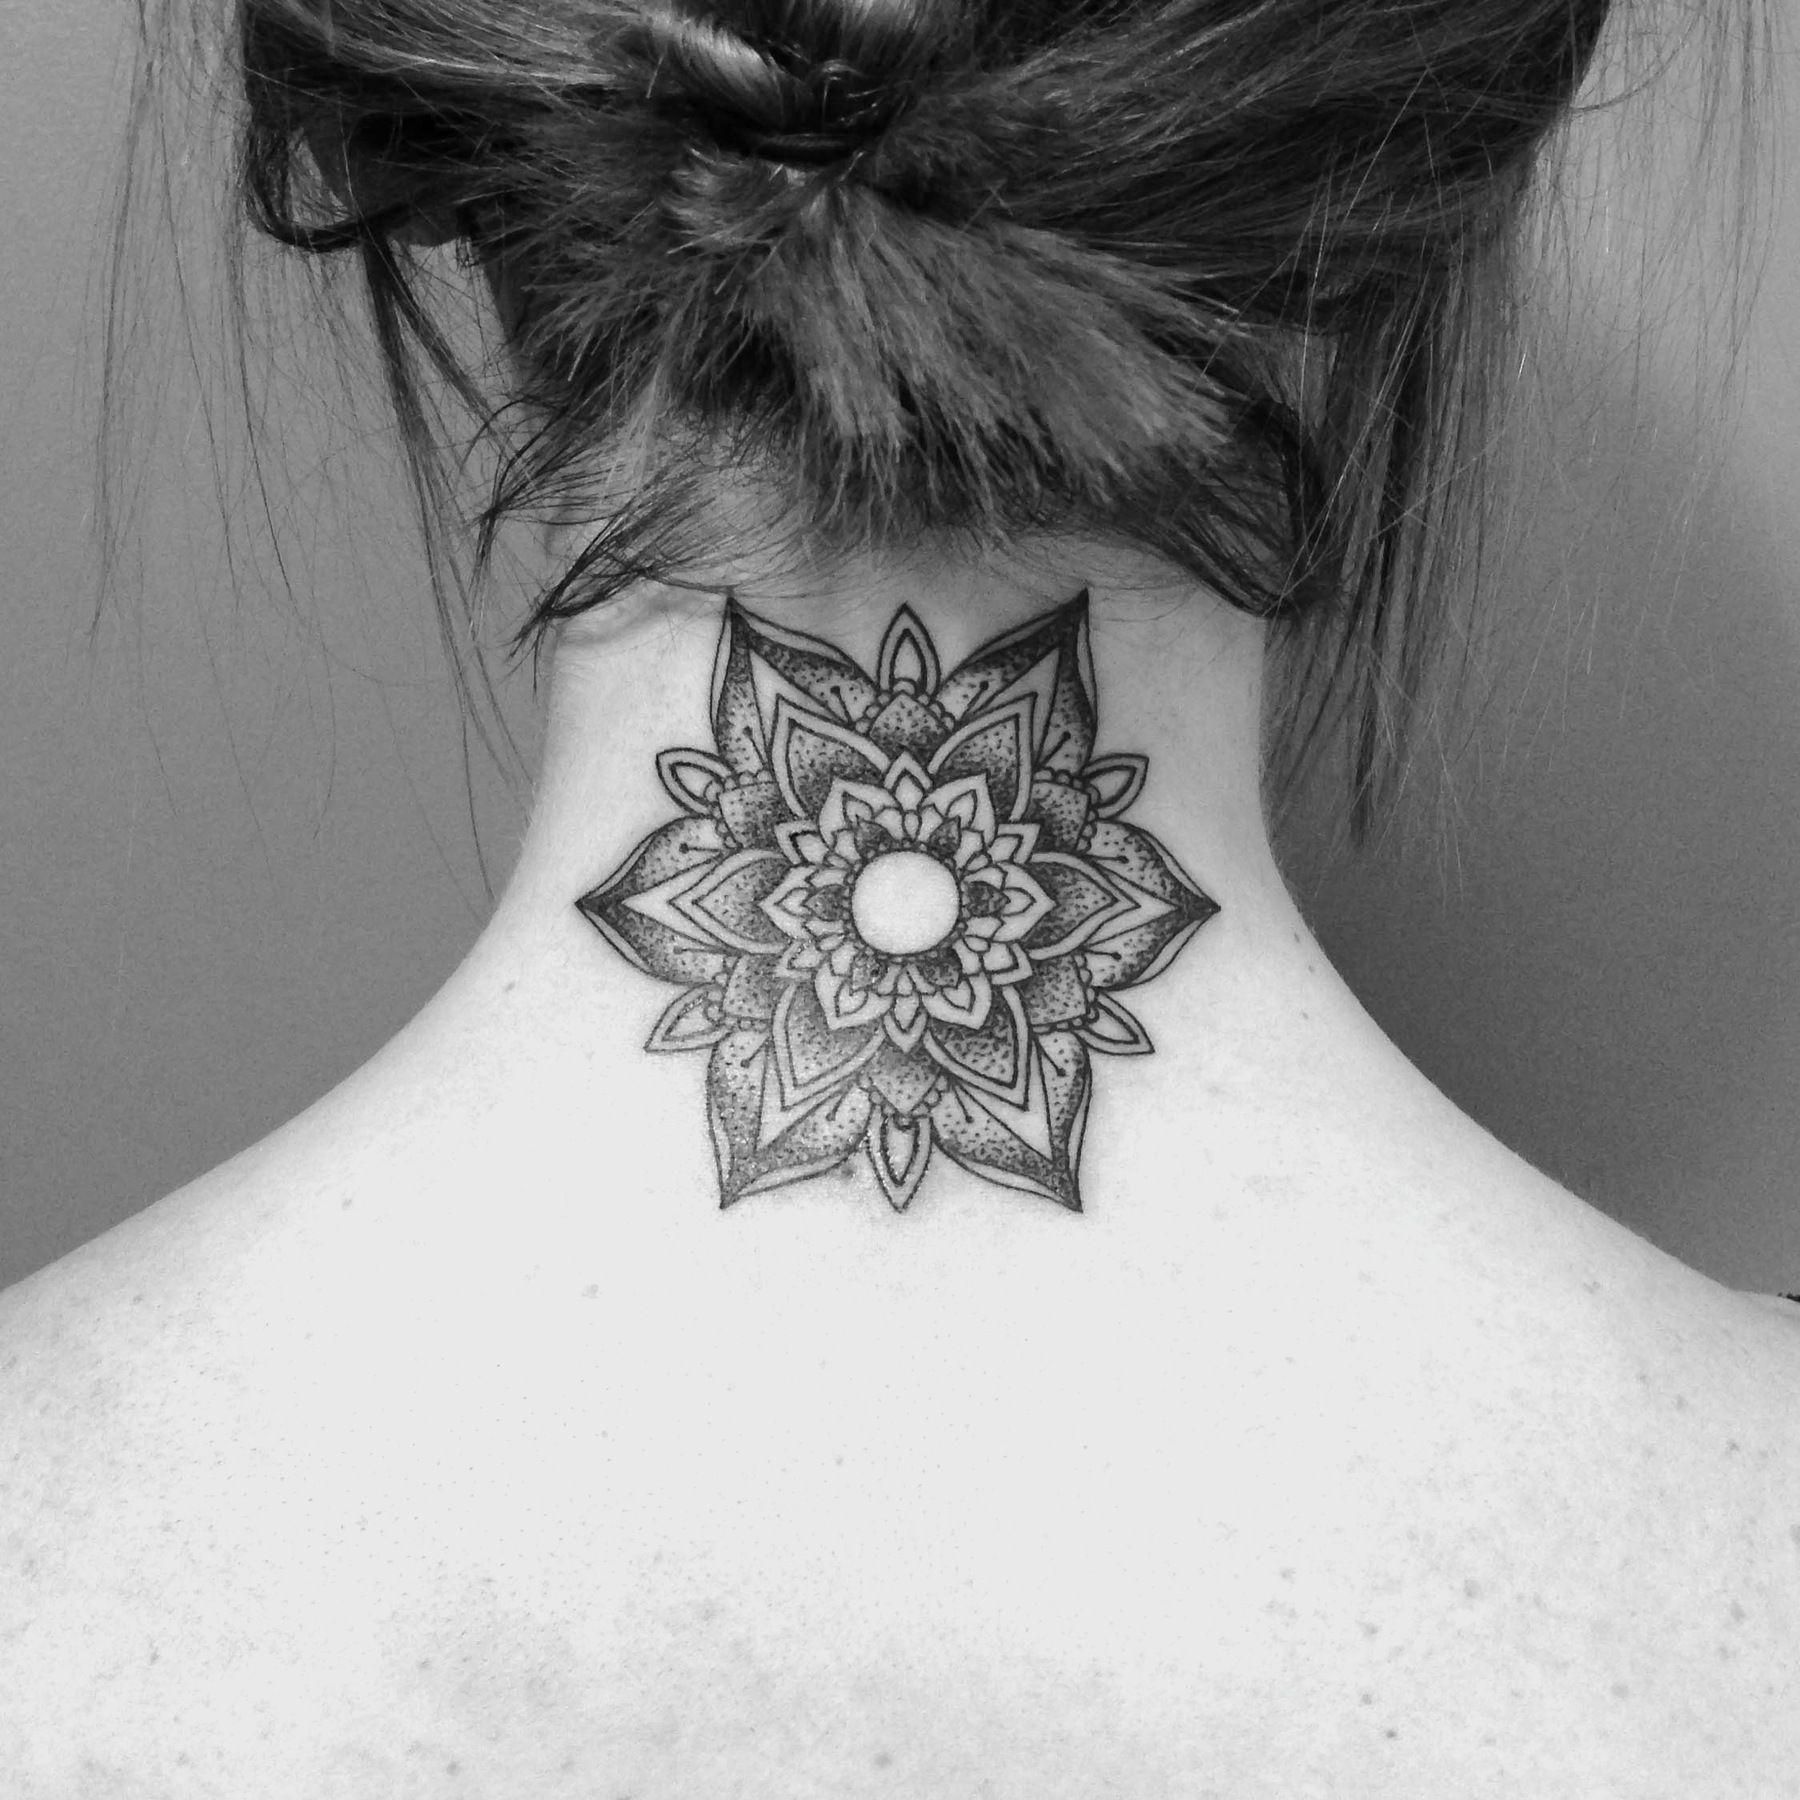 new style ff8d7 19aad  lucidlines - Caitlin Thomas Modern Tattoos, New Tattoos, Tattoo  Illustration, Tattoo Artists